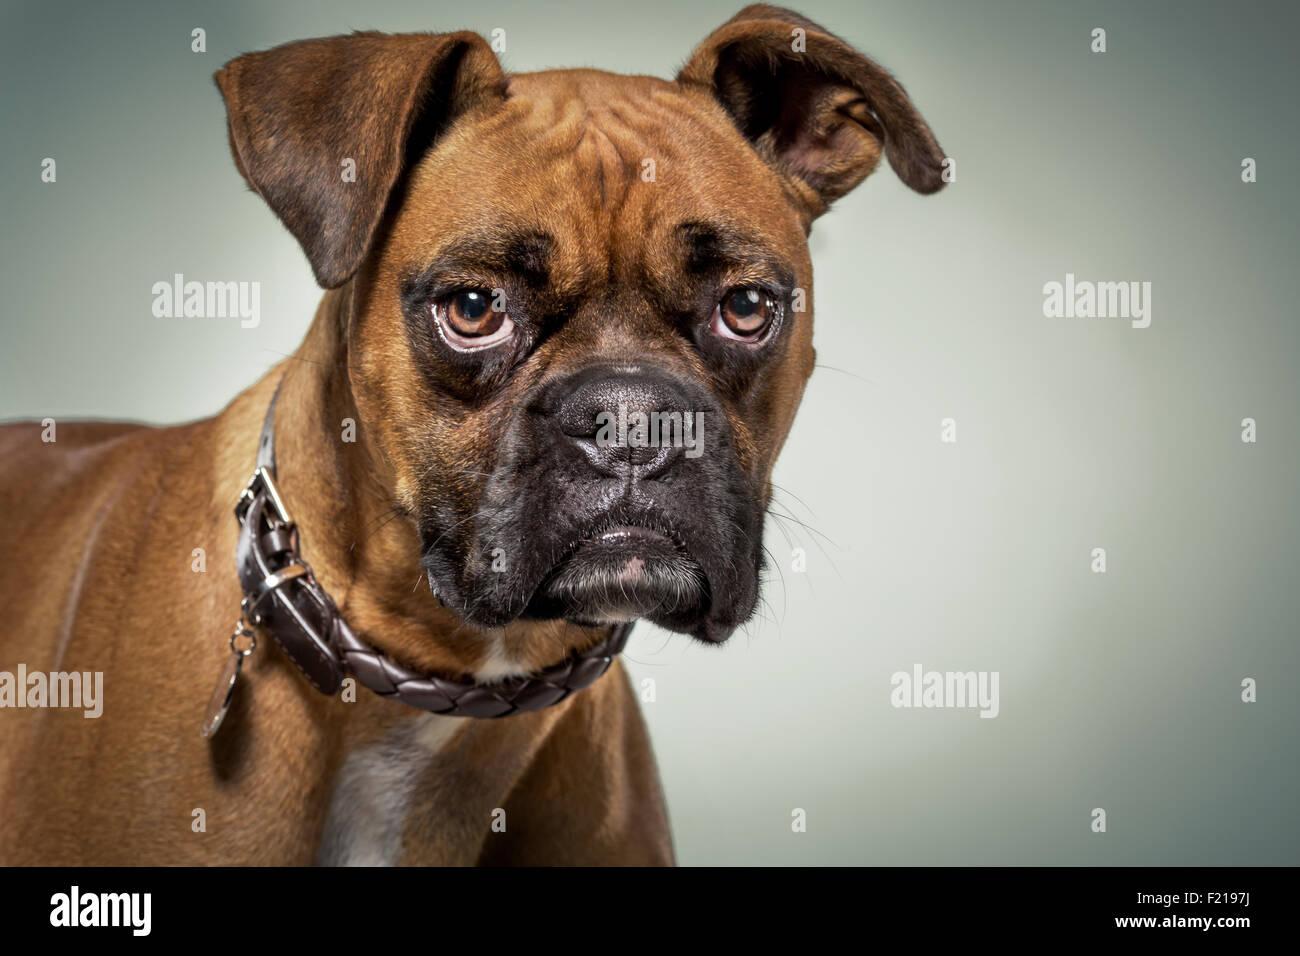 Boxer Hund mit ernsten Ausdruck im Studio. Stockbild